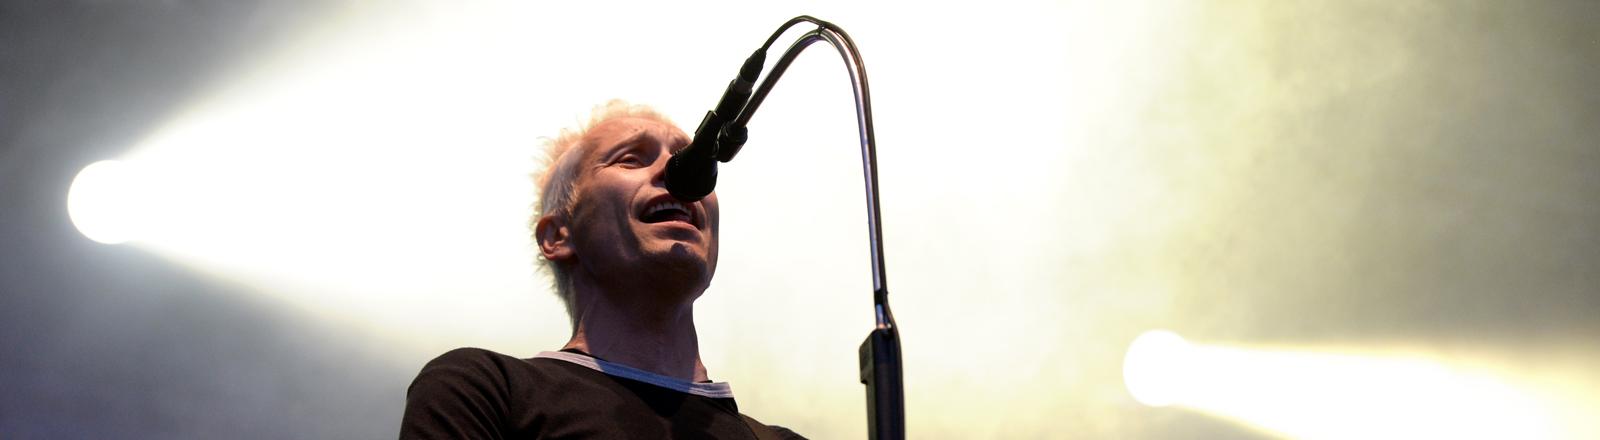 Farin Urlaub, Sänger und Gitarrist der Berliner Punkrock-Band Die Ärzte, steht am 10.08.2013 im Rahmen ihrer Tour auf dem Tempelhofer Feld in Berlin auf der Bühne.